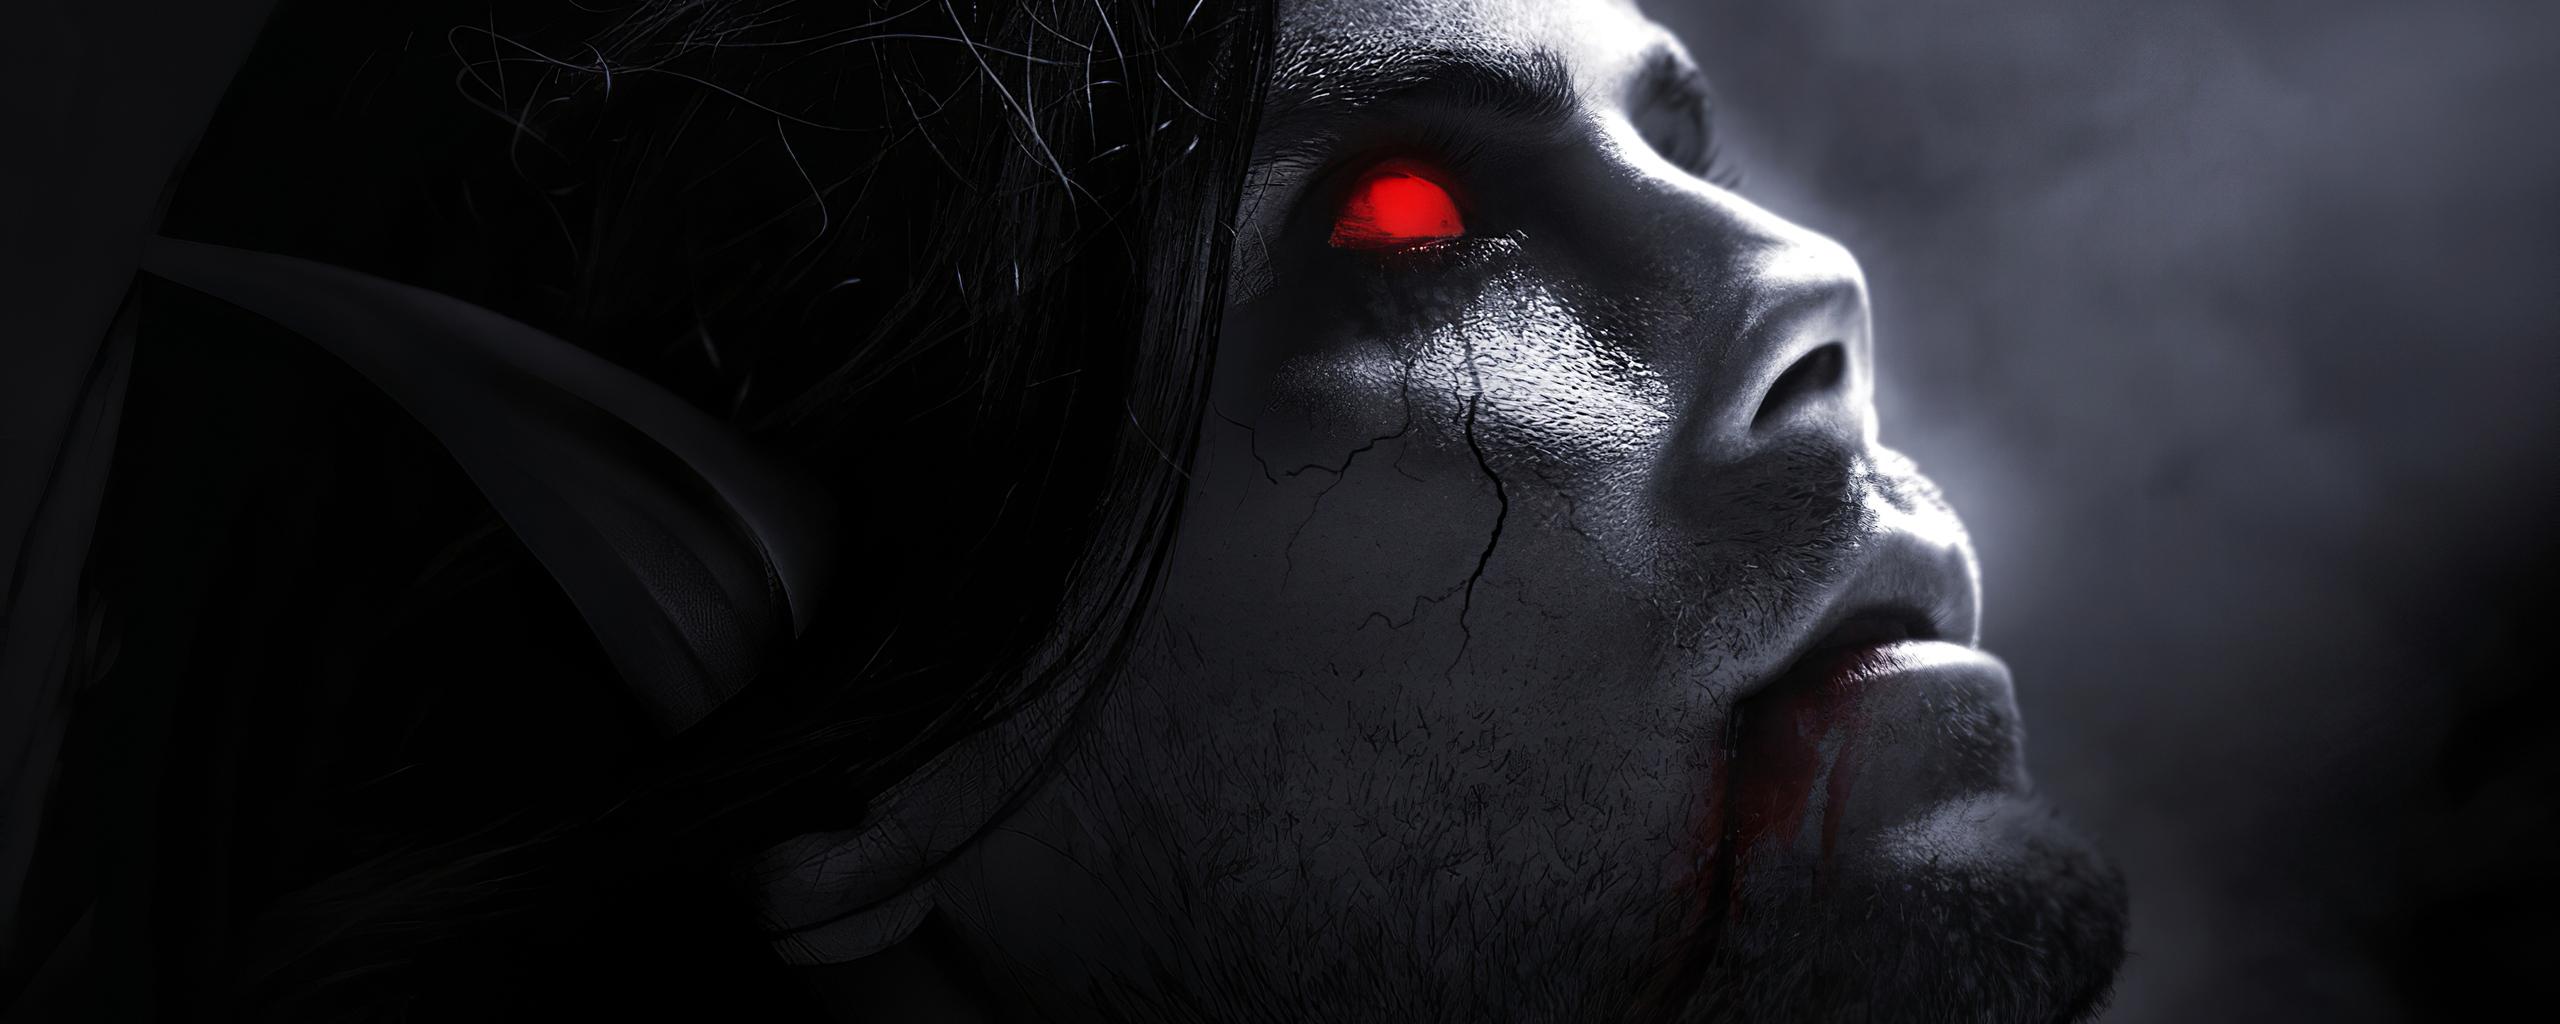 morbius-2020-movie-79.jpg